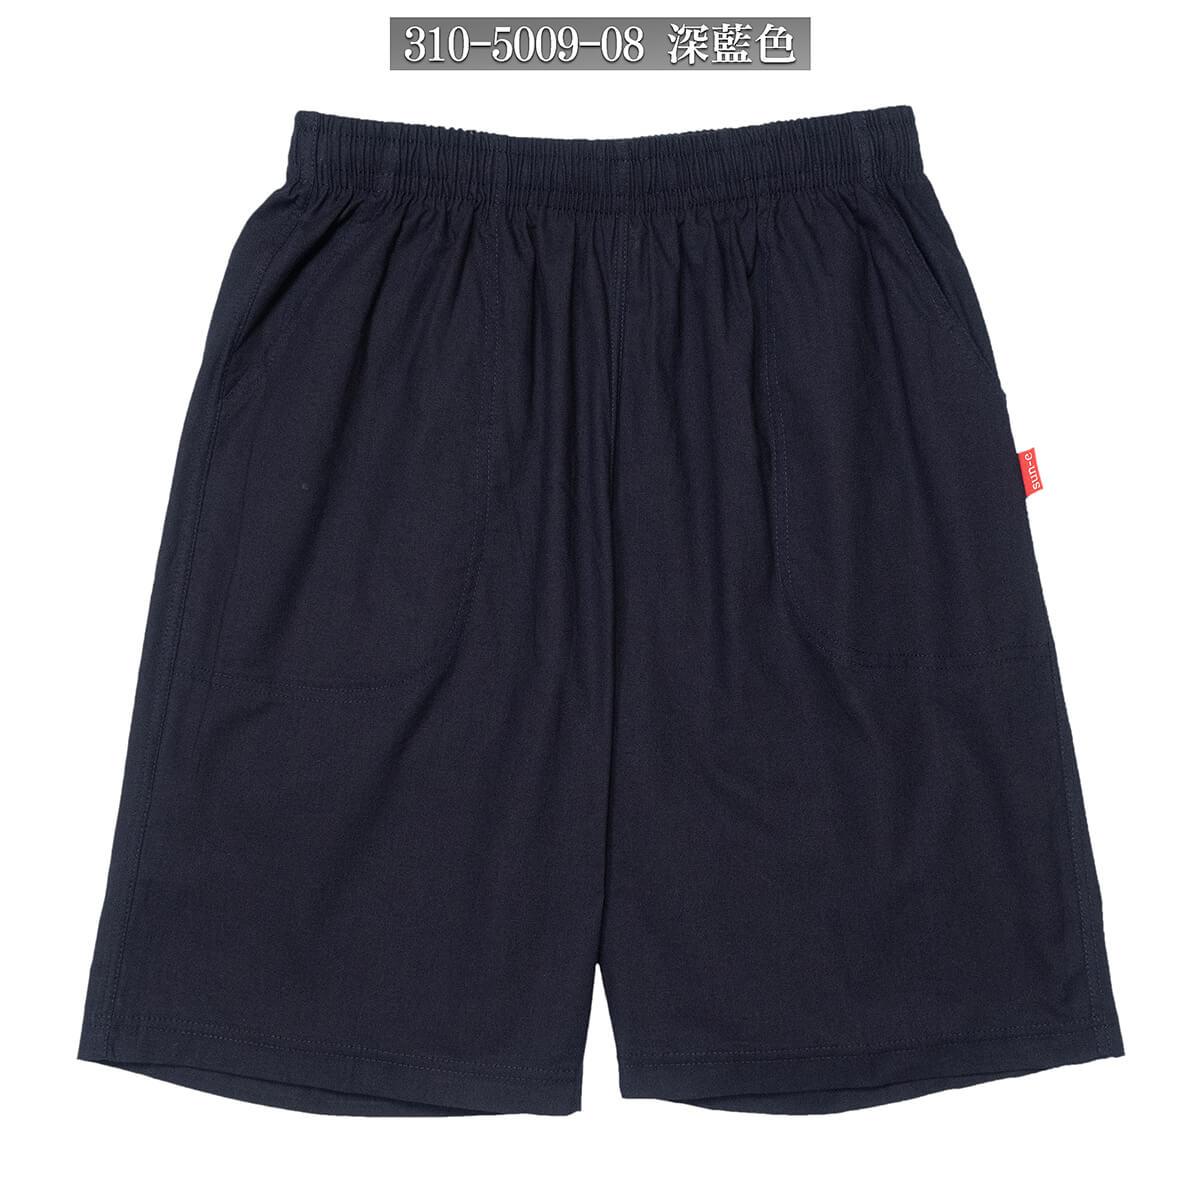 涼爽輕薄休閒短褲 素面短褲 台灣製短褲 五分褲 舒適透氣休閒褲 全腰圍鬆緊帶純棉短褲 黑色短褲 Made In Taiwan Men's Shorts Casual Shorts Cotton Sho